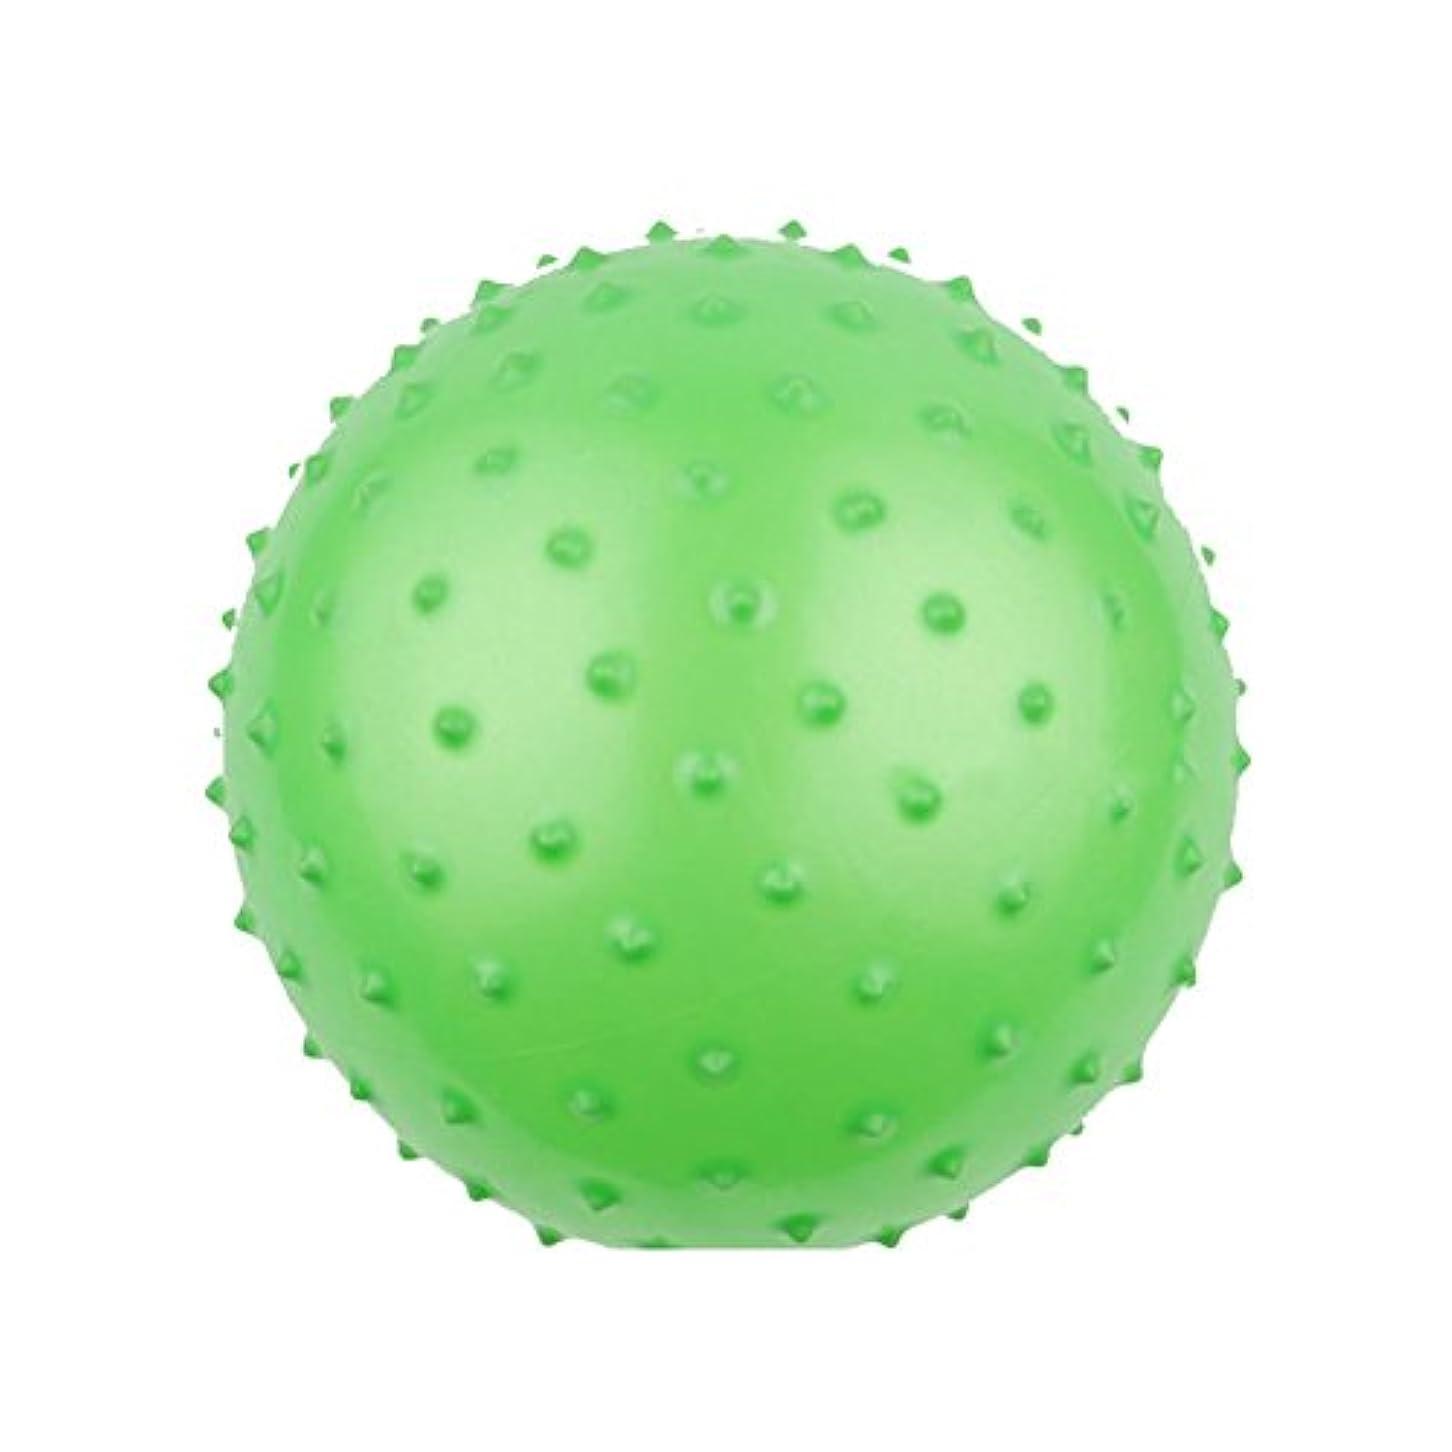 くるみレパートリーメモLiebeye 野球ボール 素敵な野球ボールマッサージボールキッズインフレータブルおもちゃのギフト装飾品(ランダムカラー) 28cmマッサージボール